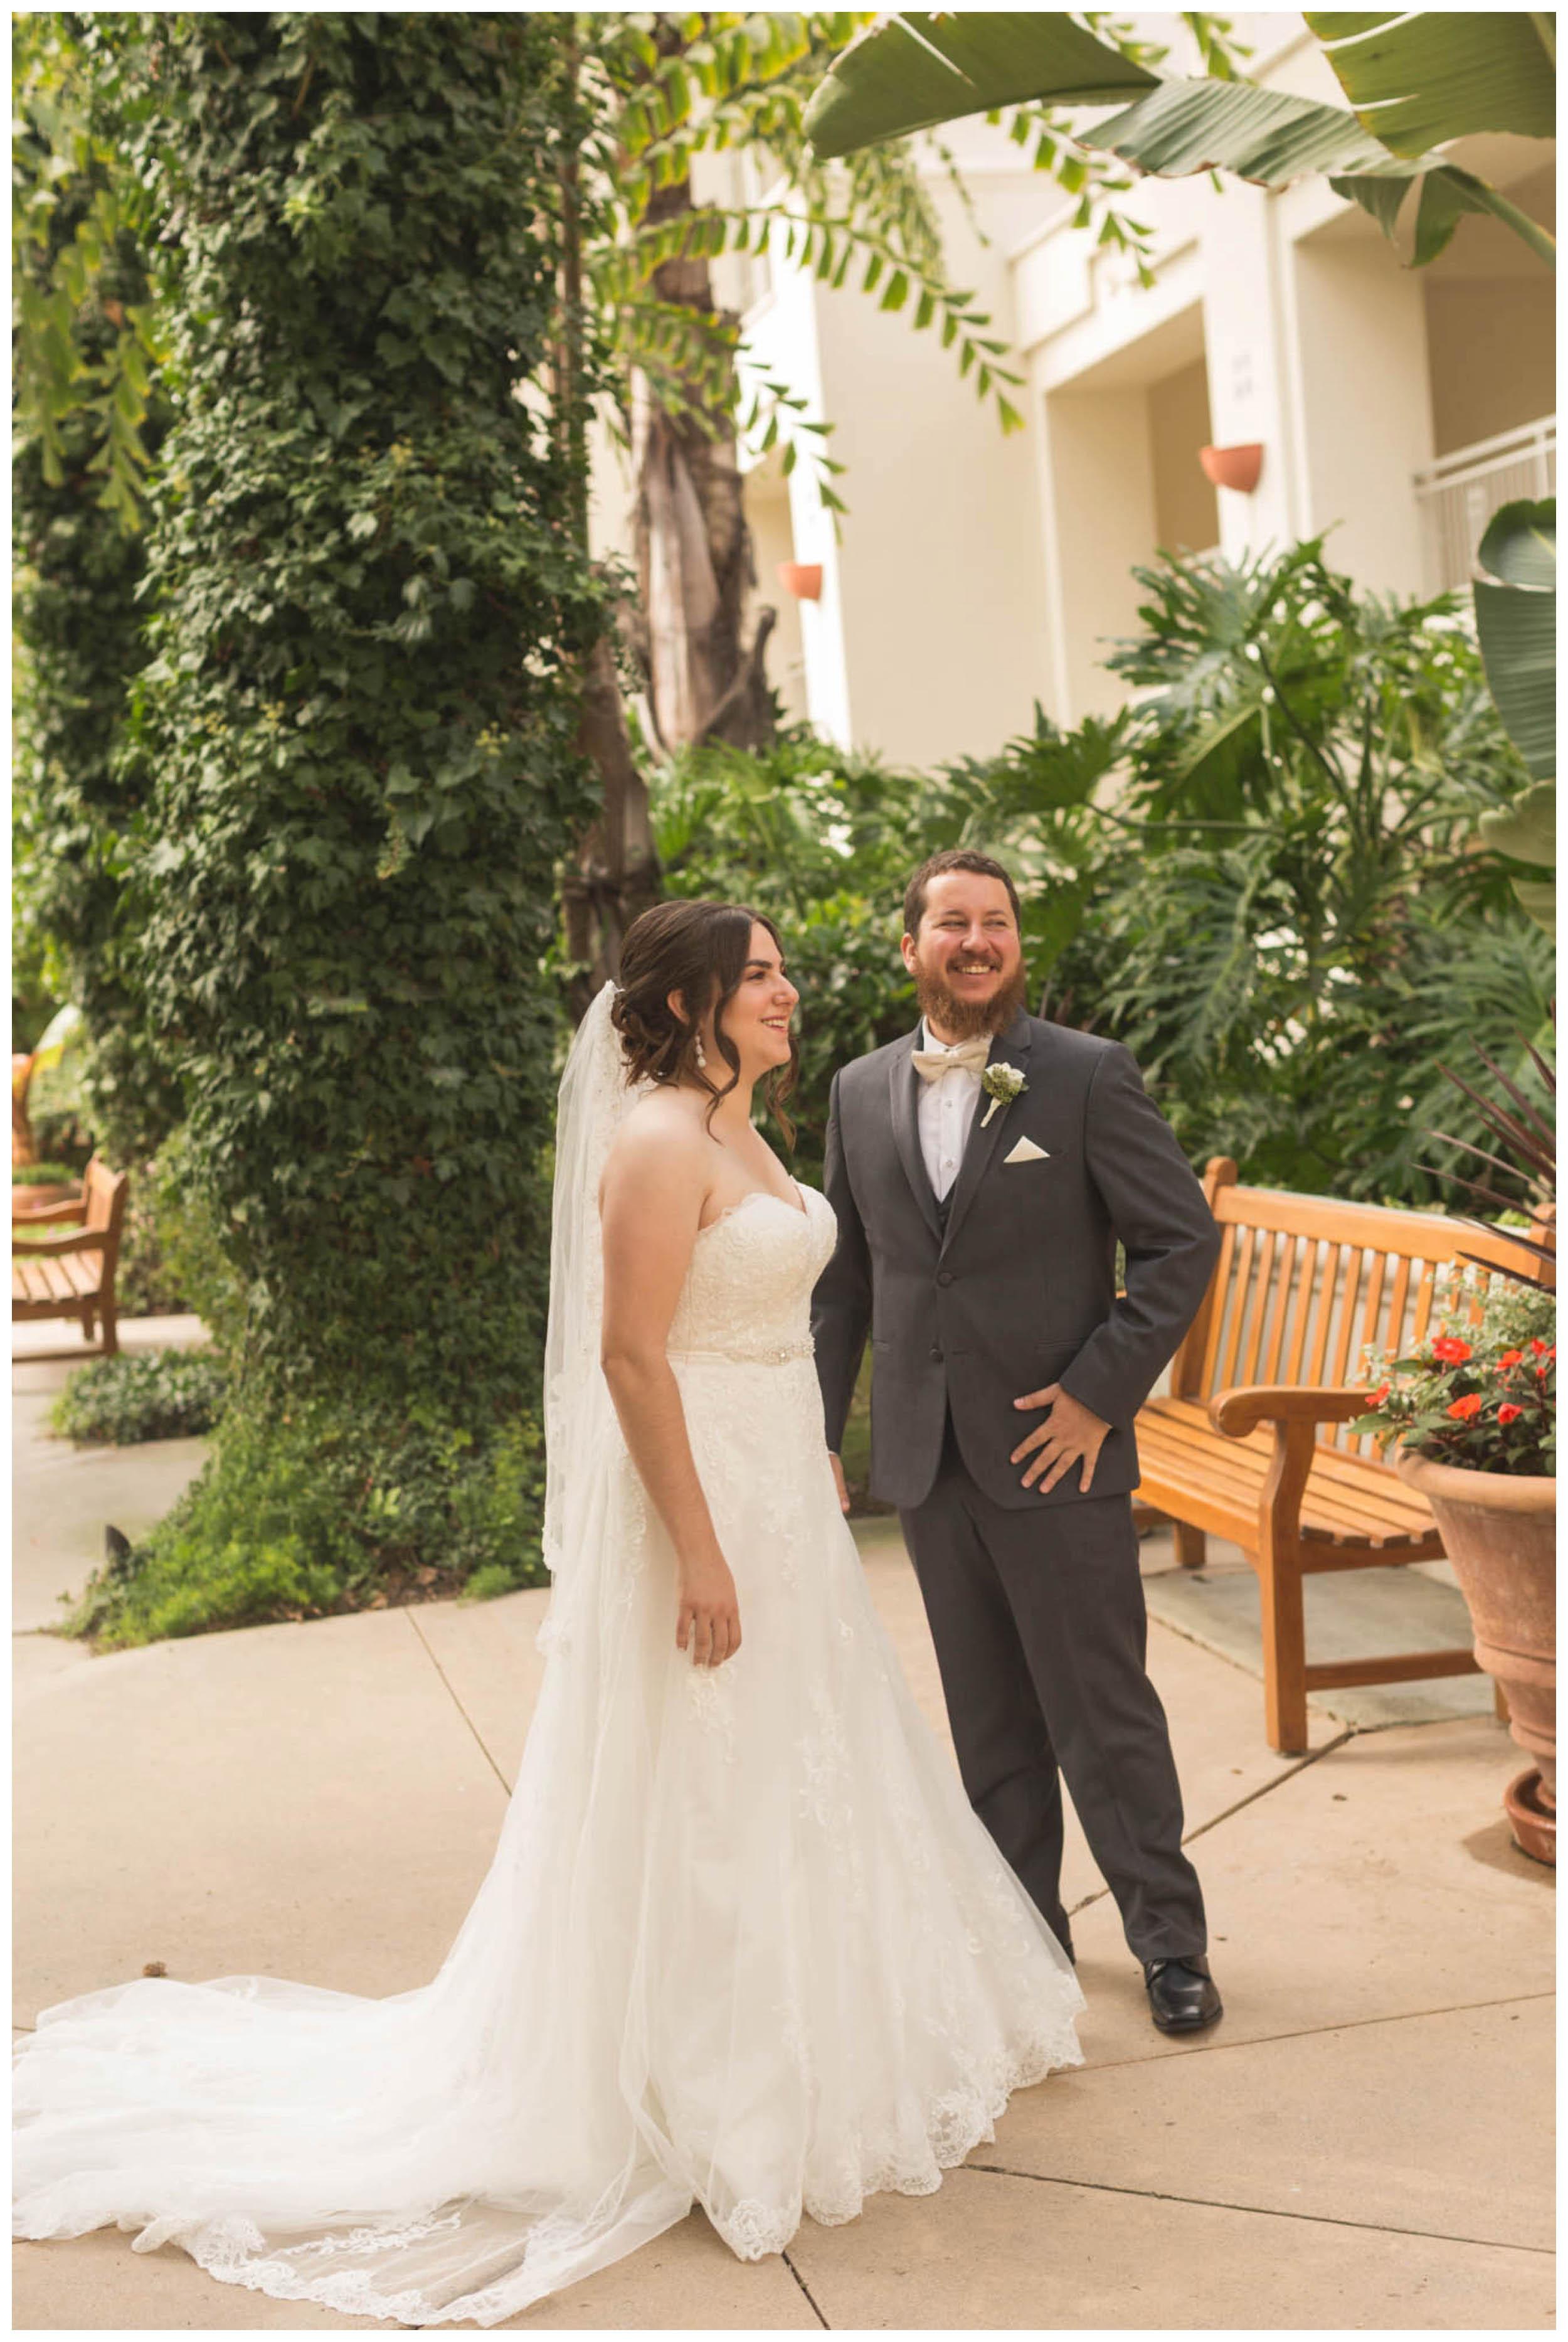 shewanders.wedding.photography.san.diego.rustic._1679.jpg